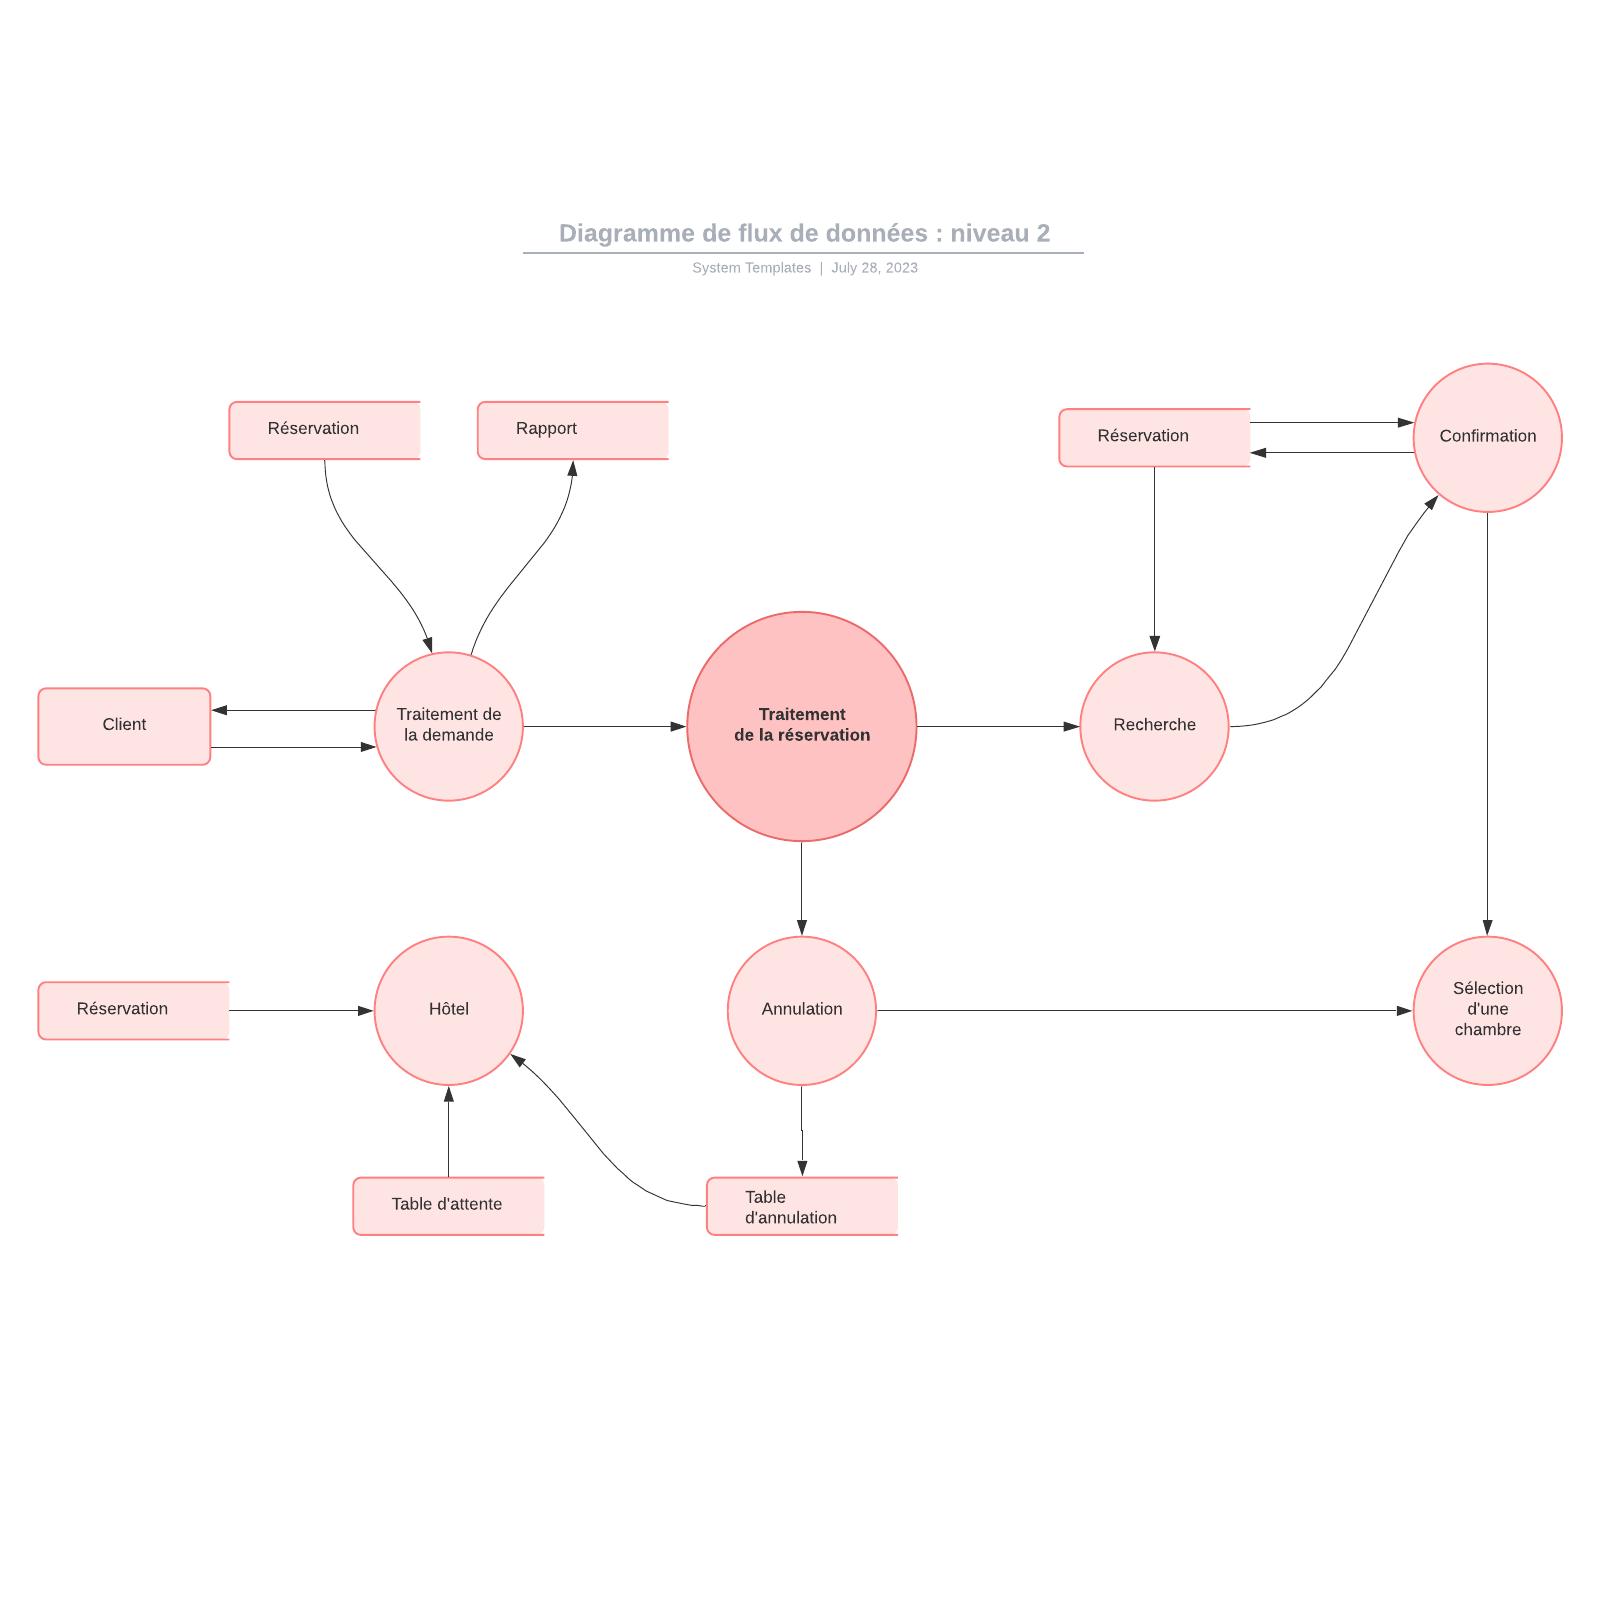 exemple de diagramme de flux de données (niveau 2)